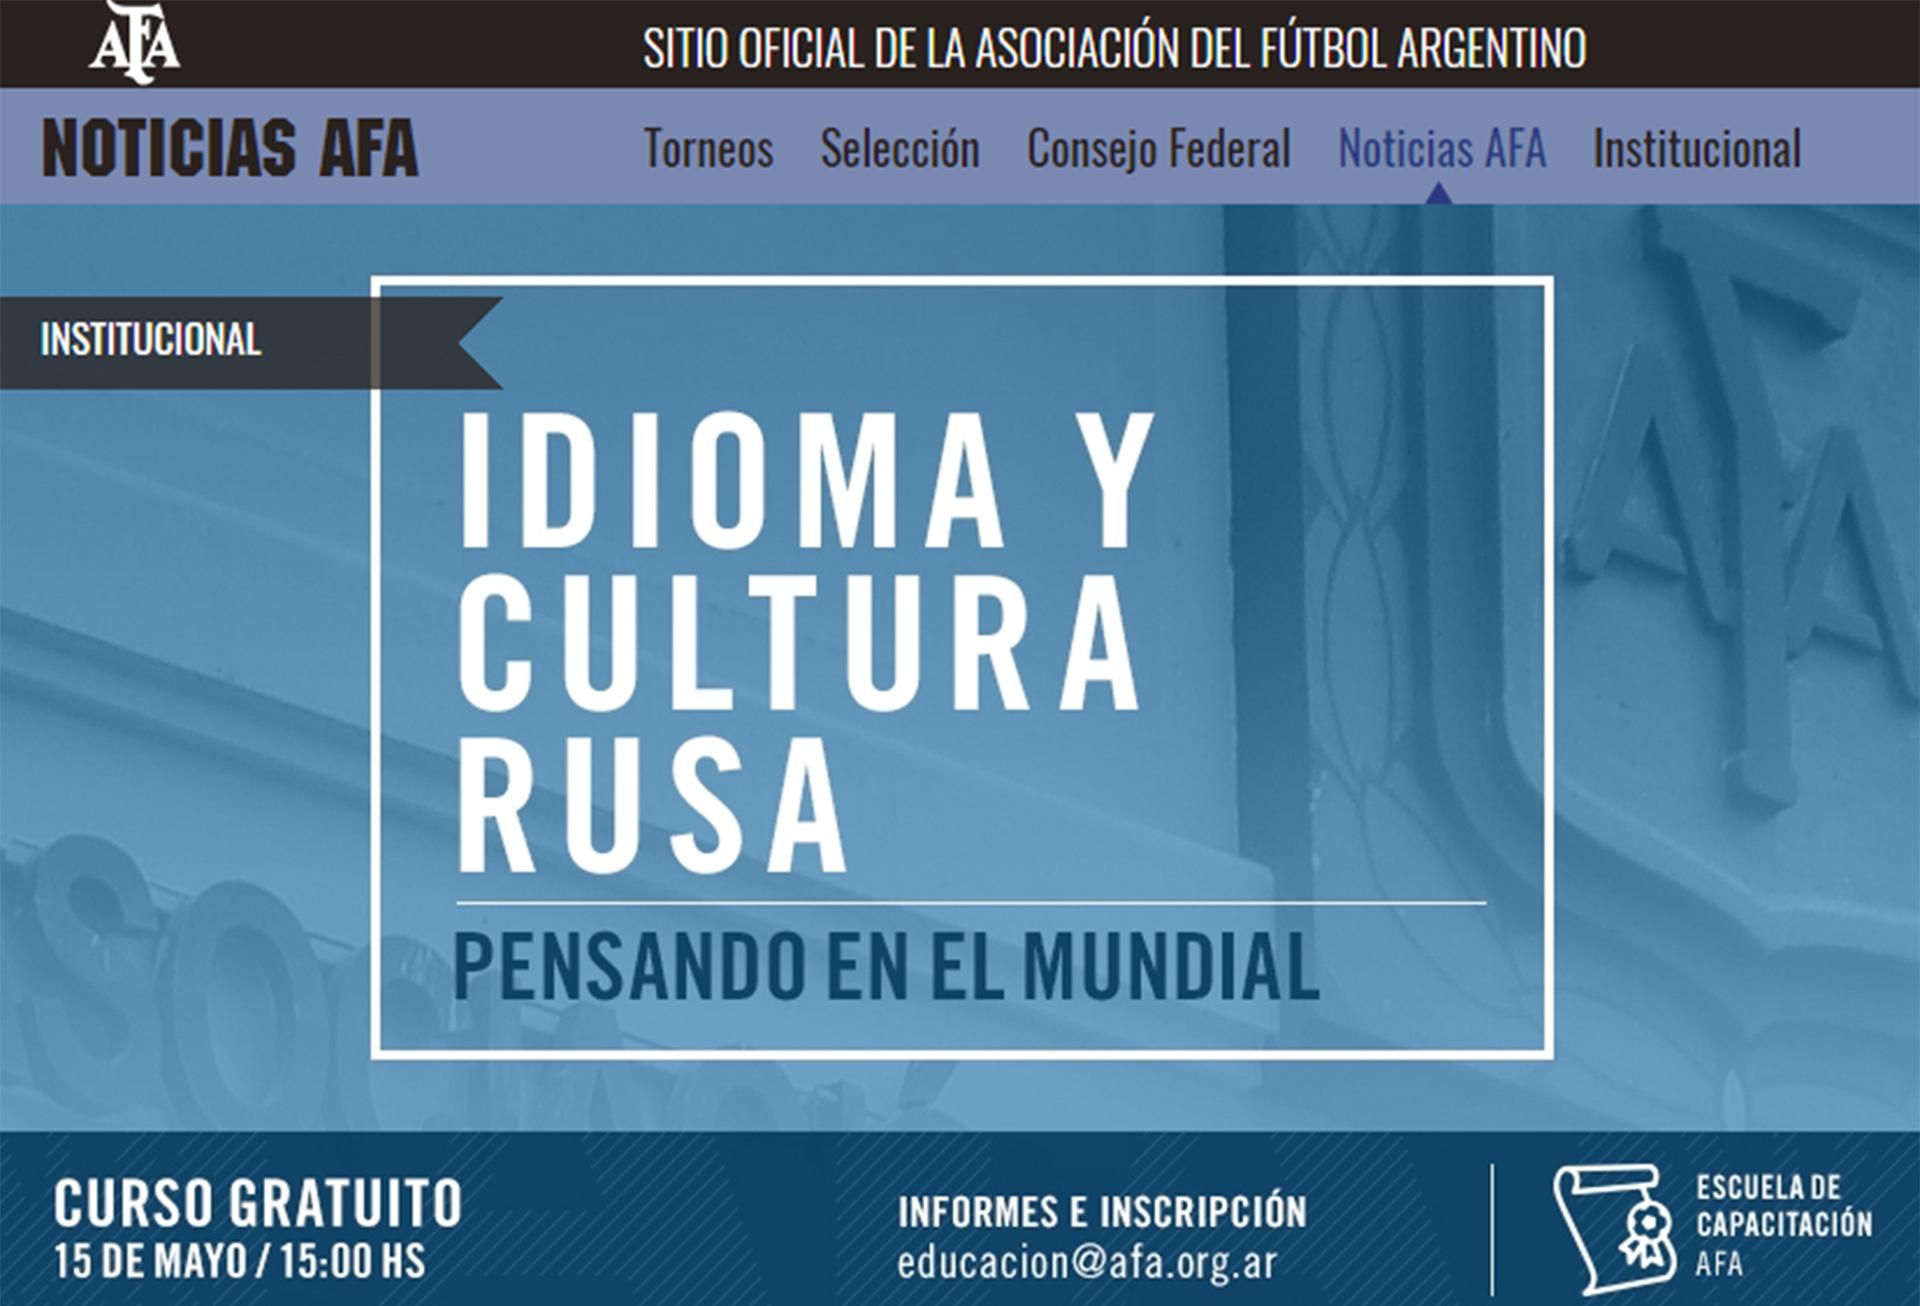 La invitación al curso, en el sitio web de la AFA